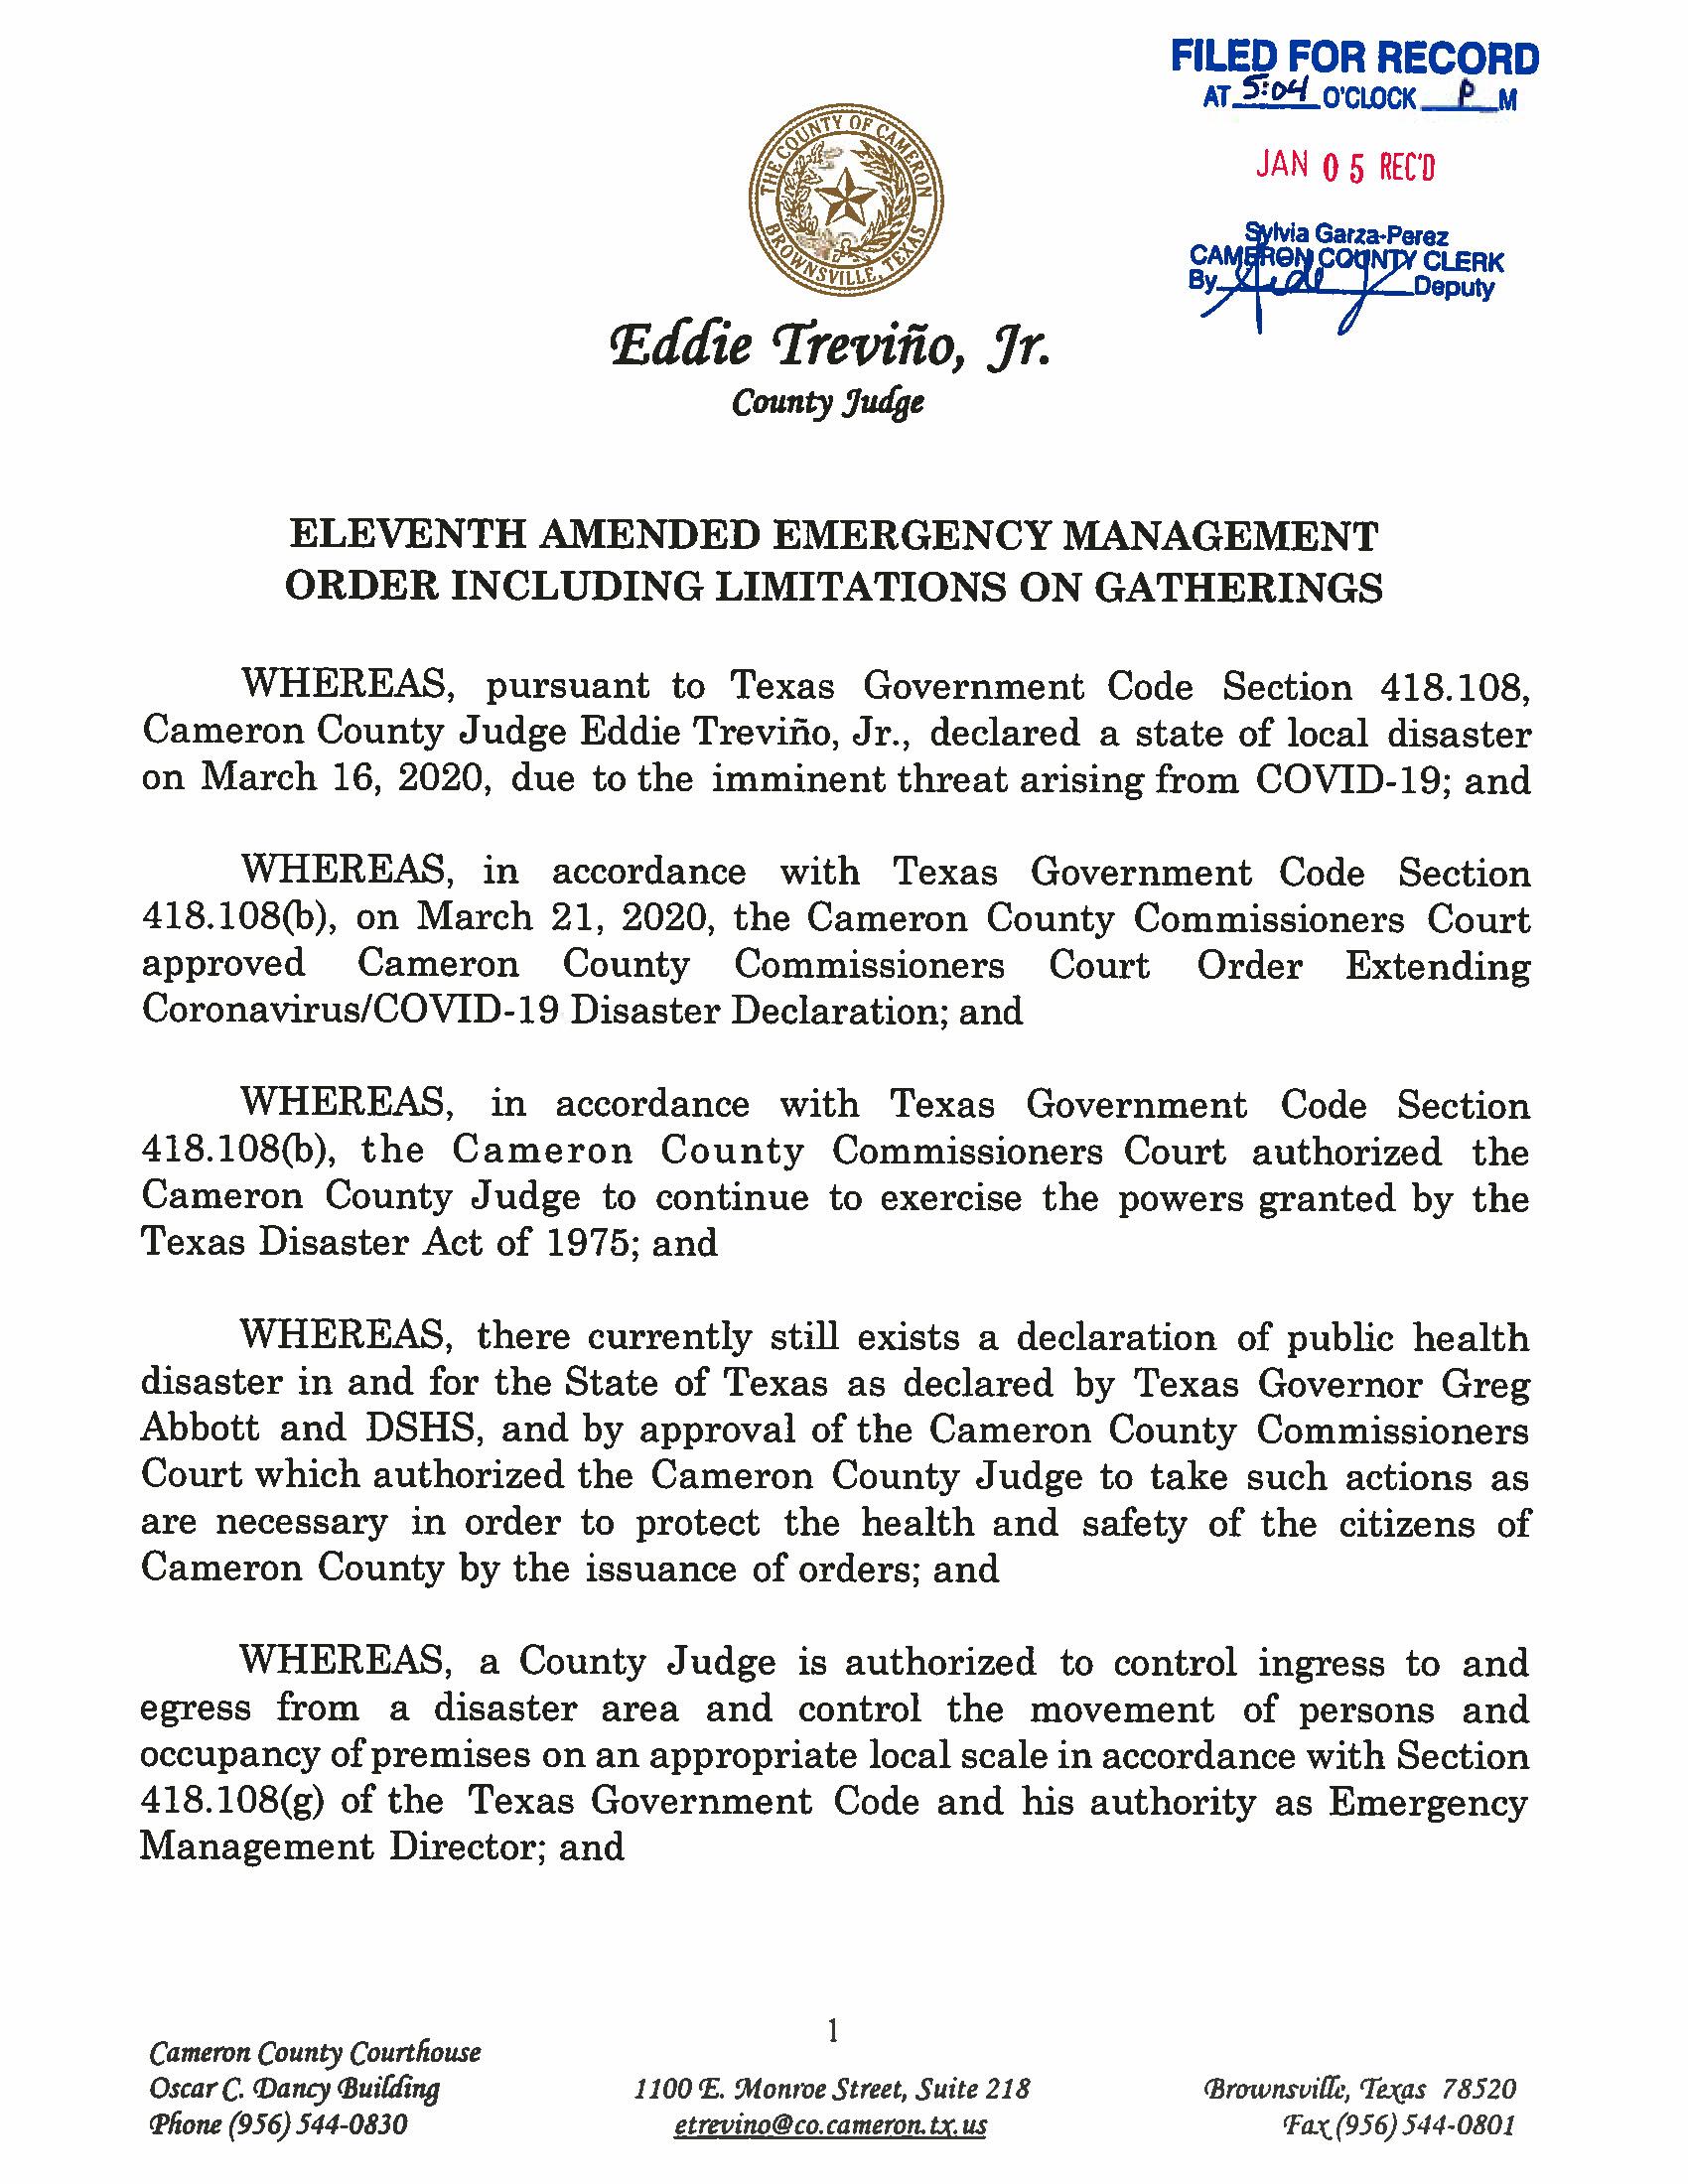 Elevent Amended Emergency Management Order